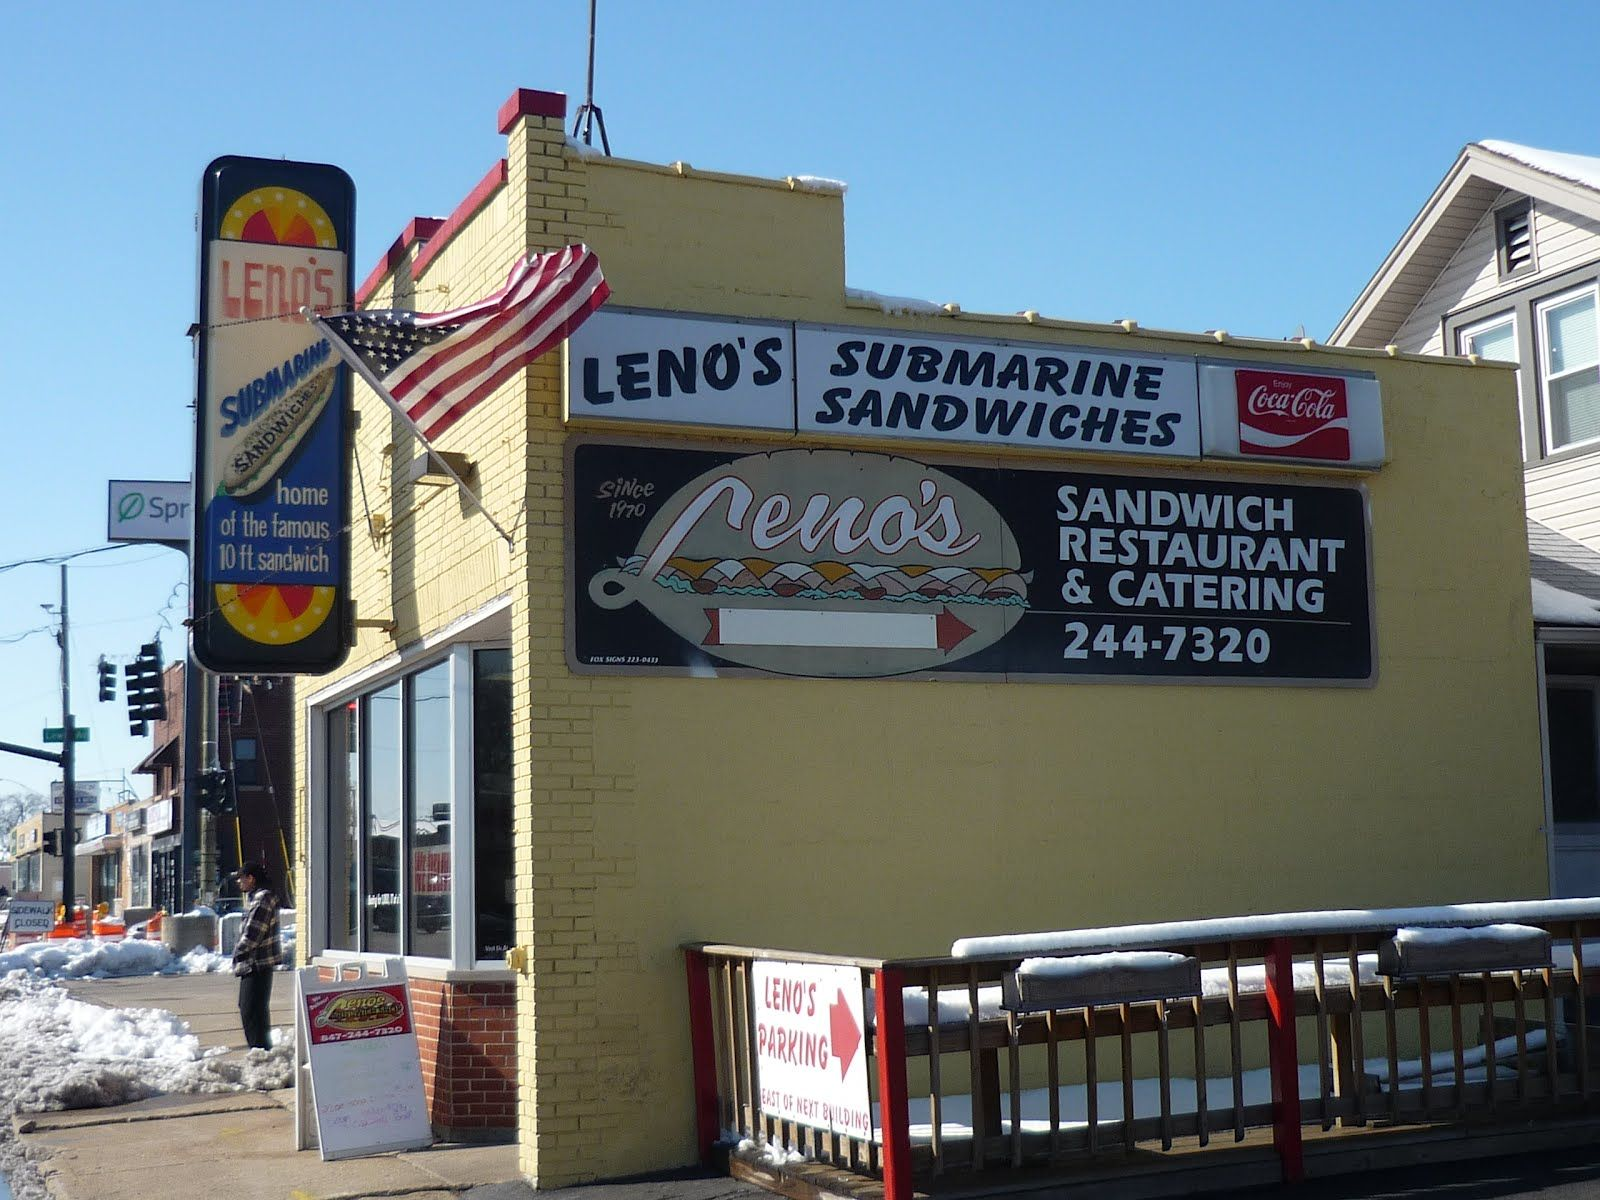 Best Sandwich Place In Waukegan Il Waukegan Sandwich Restaurant Zion Illinois